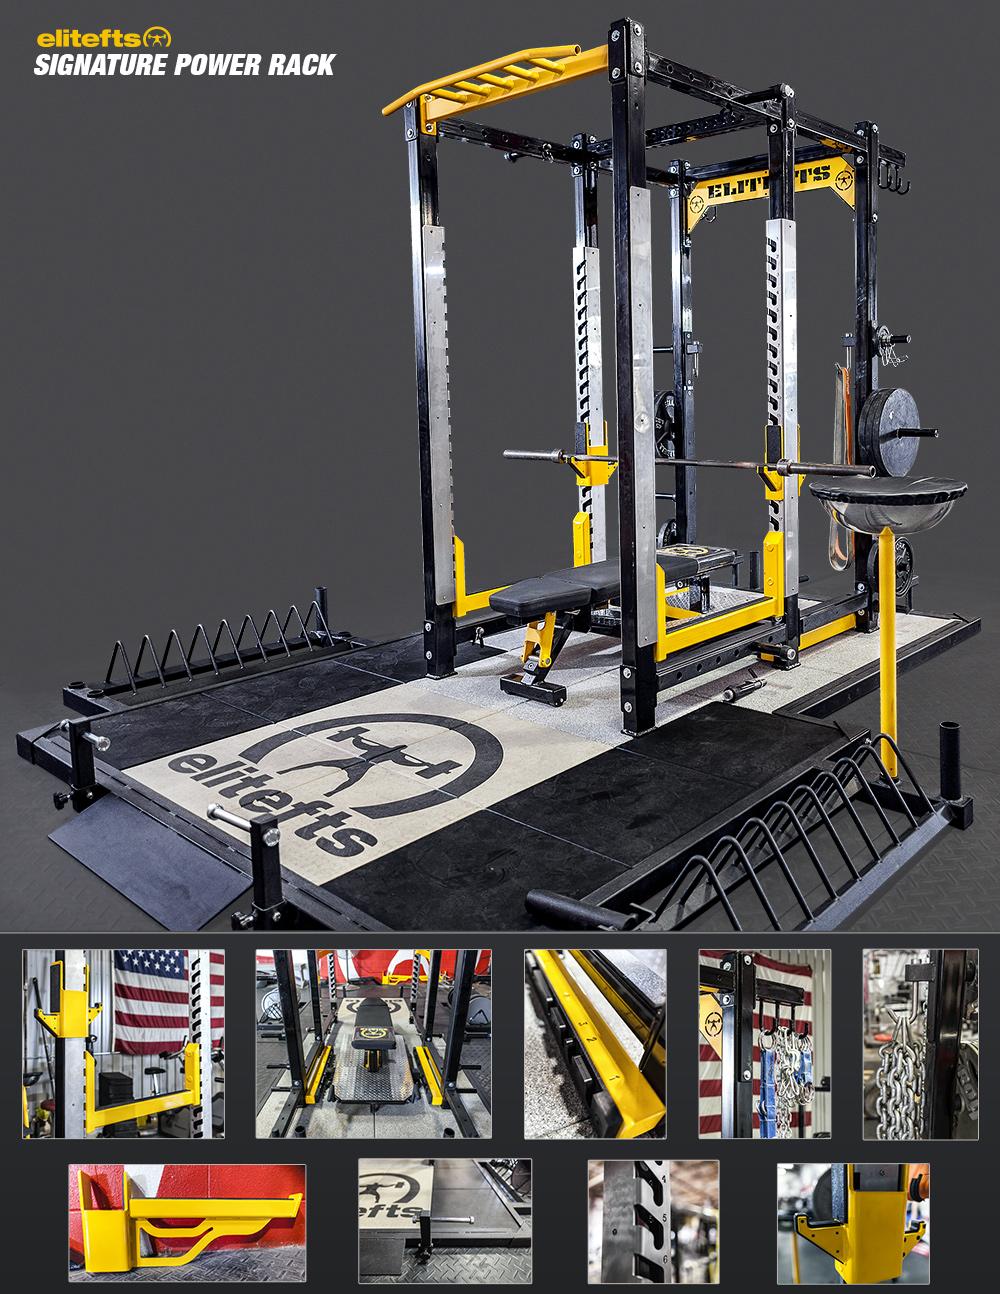 home gyms ideas garage - Client List Elite FTS